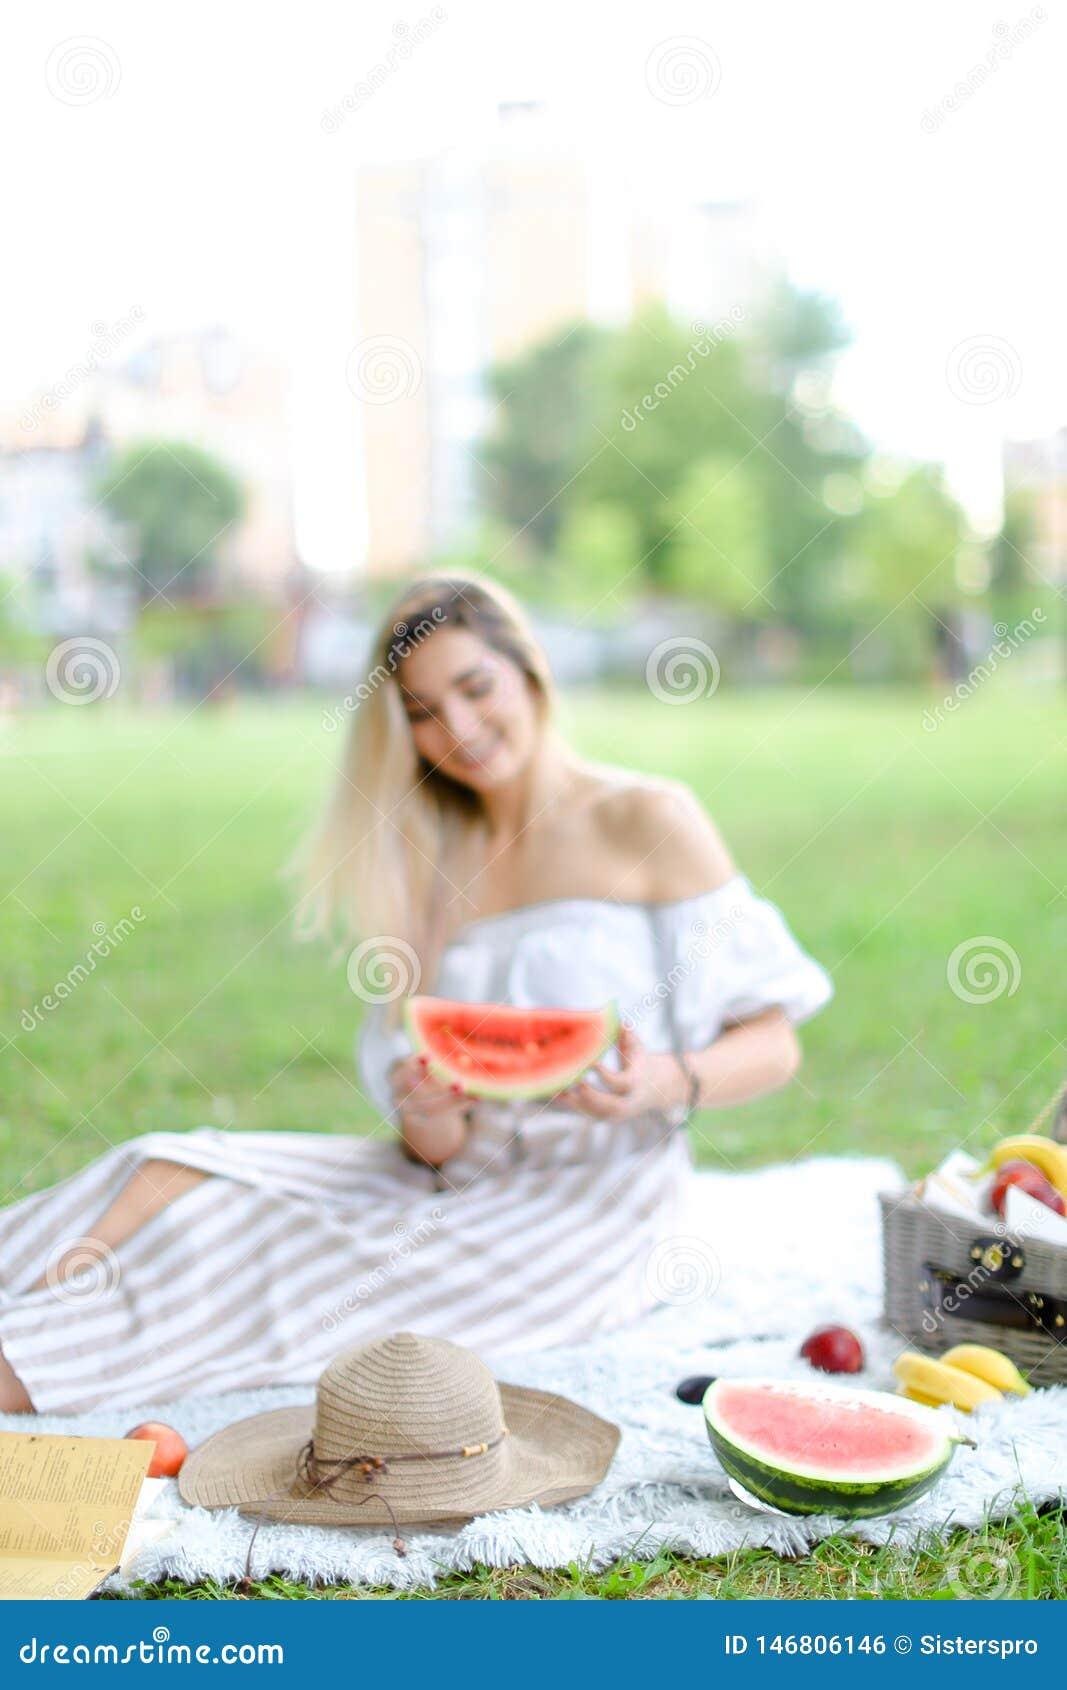 年轻女人坐格子花呢披肩在果子和帽子附近,吃西瓜,草在背景中